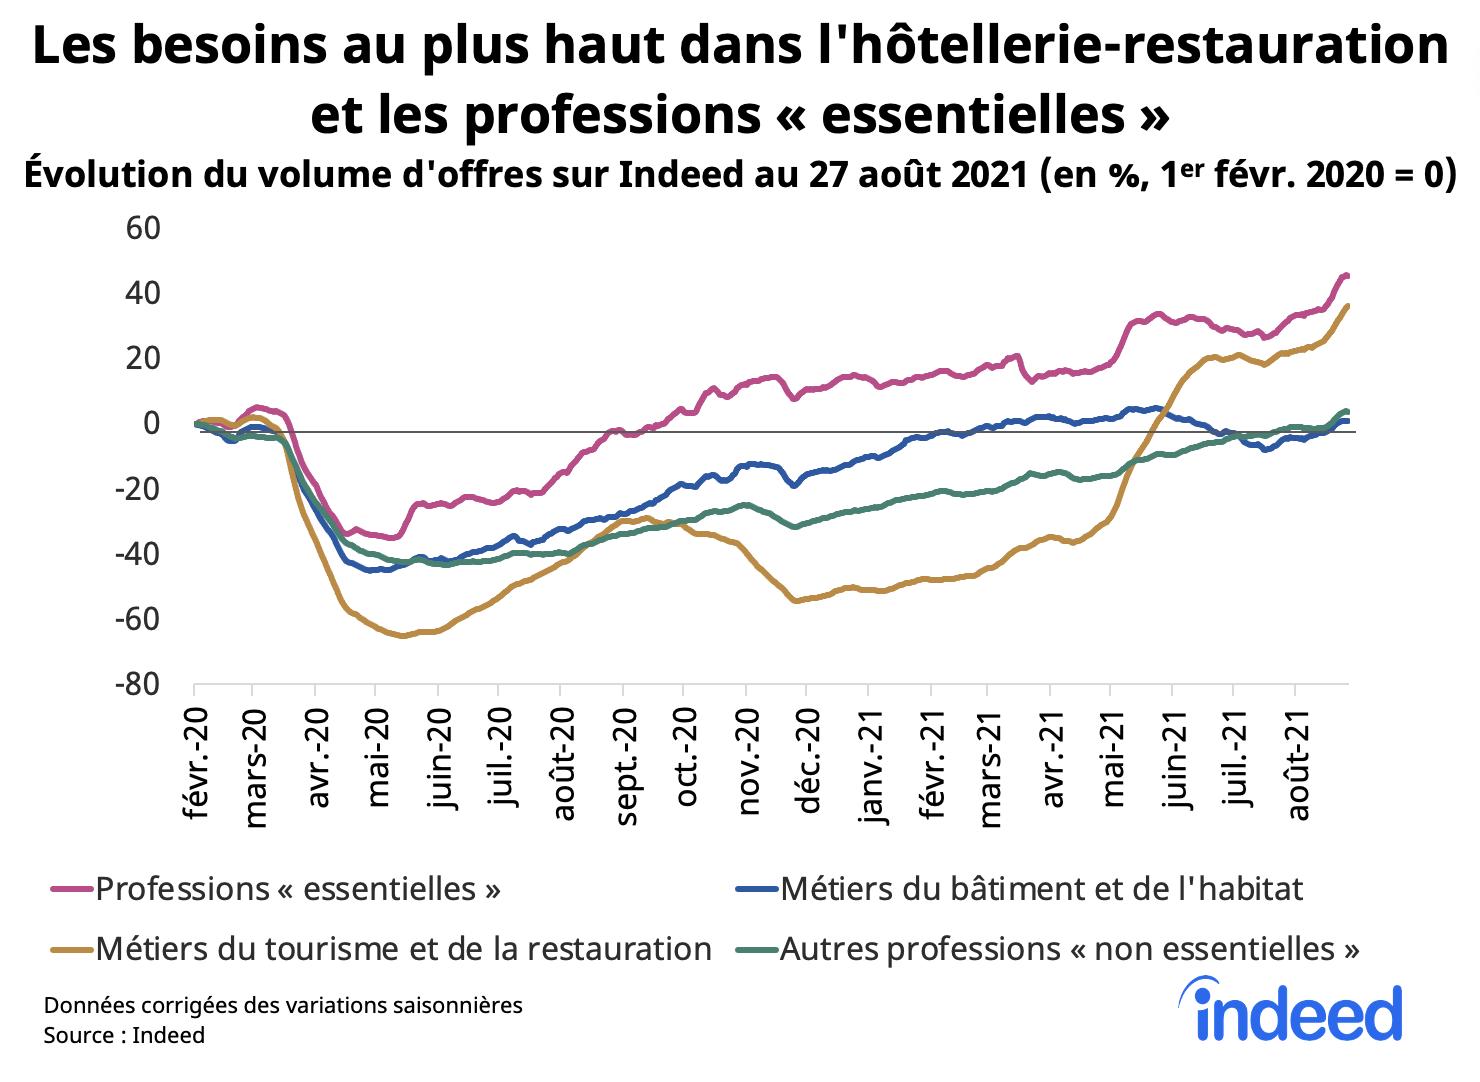 Le graphique en courbes illustre la reprise des recrutements en France dans différents secteurs et l'évolution, en pourcentage, du volume d'offres au 27 août 2021.